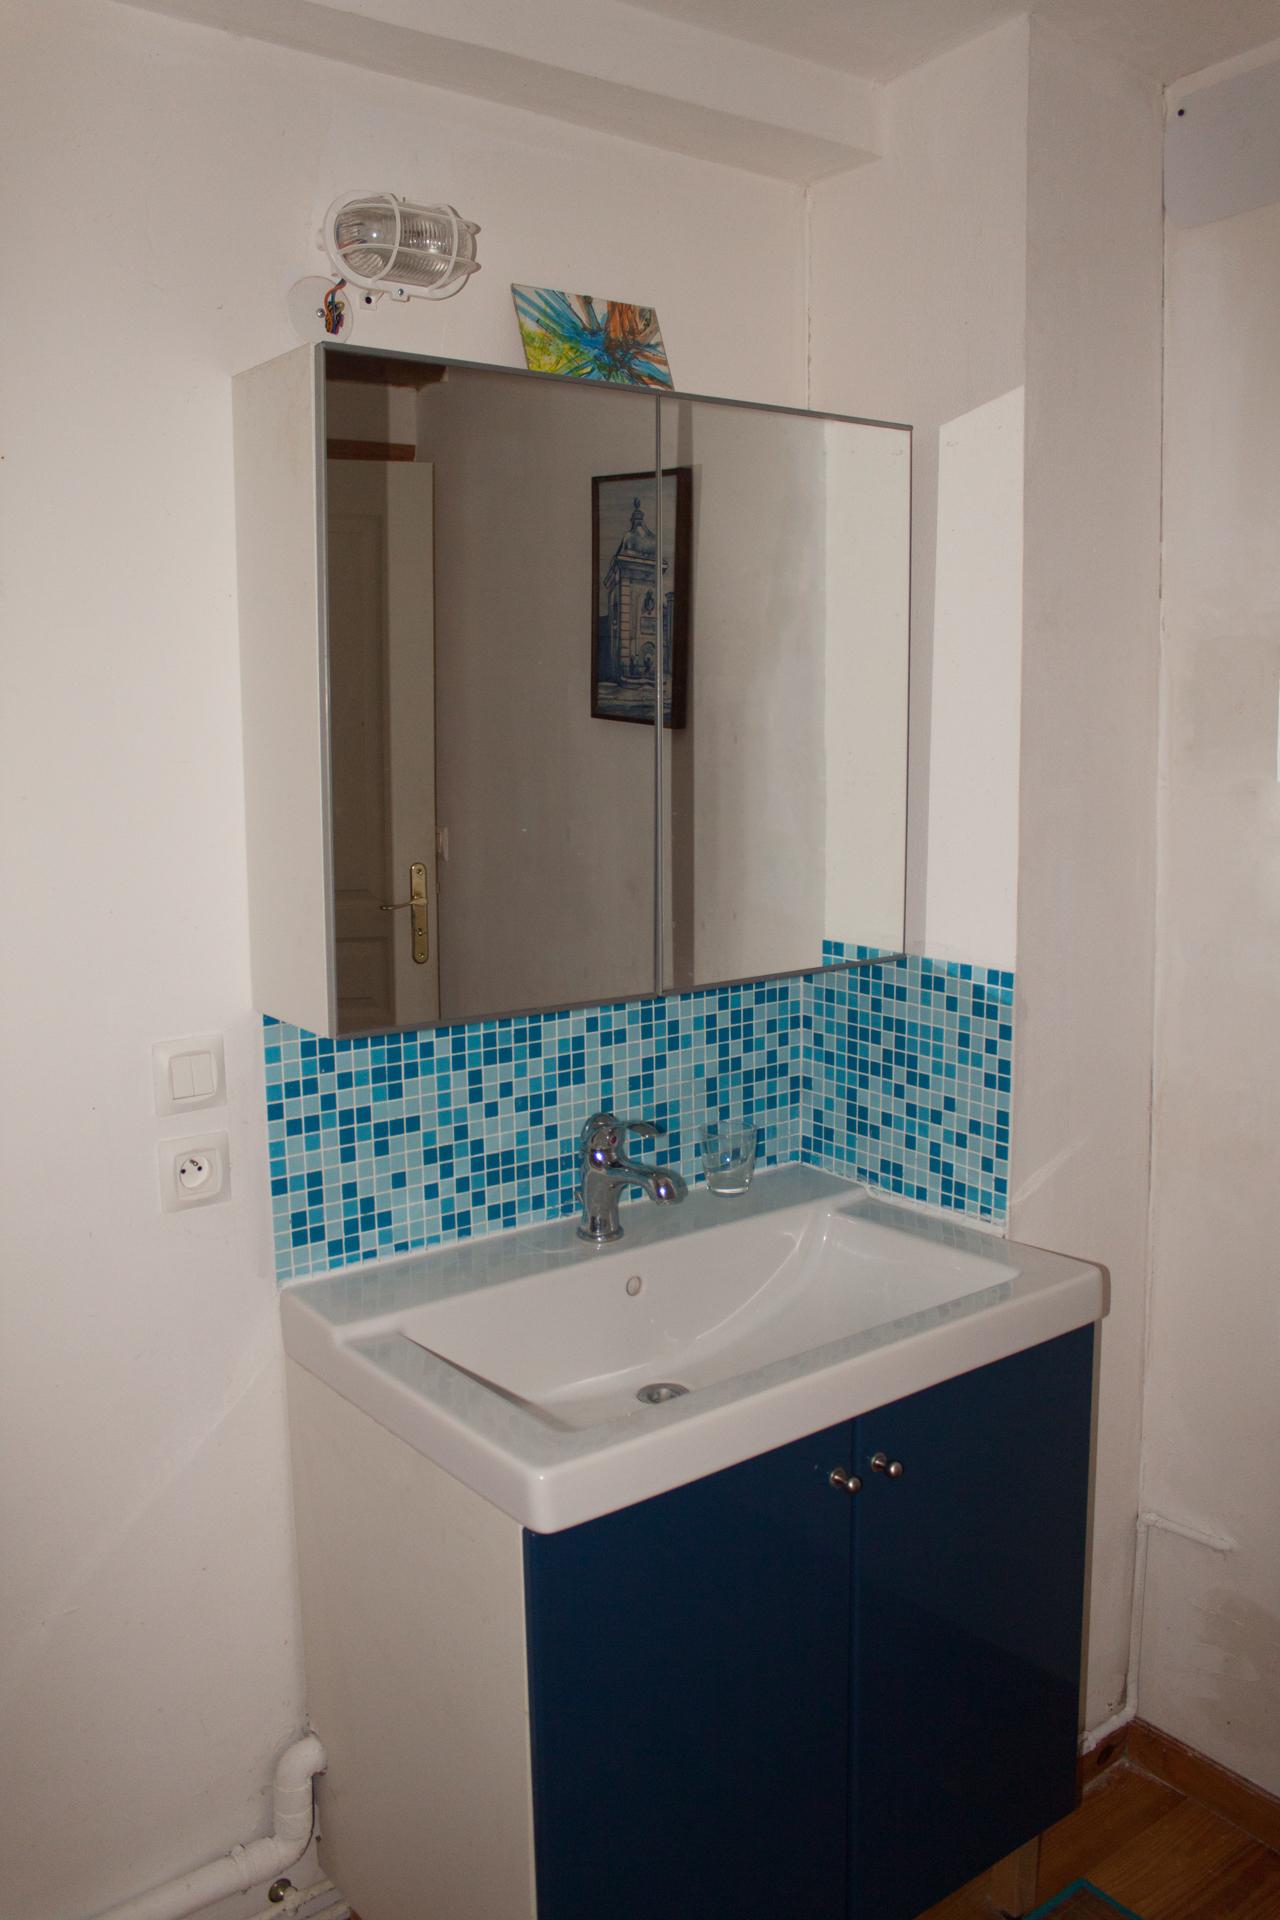 Les bourdoncles ombrassa salle de bain lavabo les for Salle de bain translation